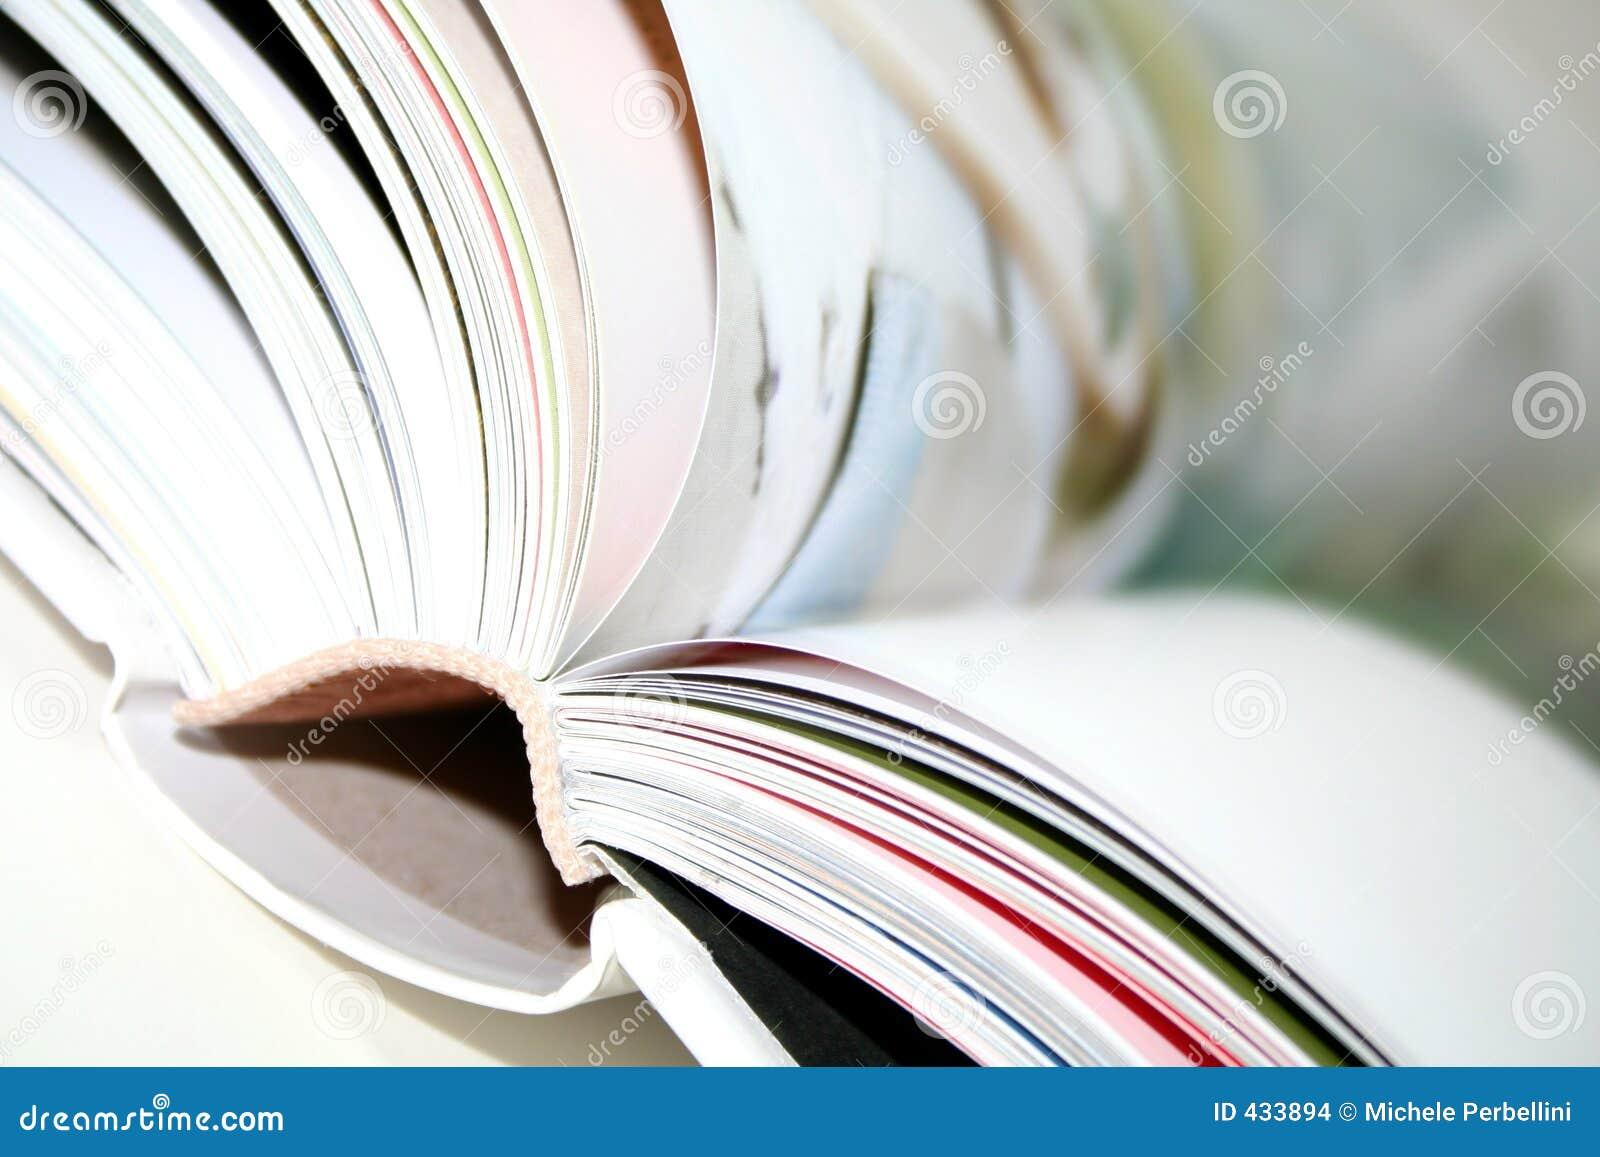 Unscharfes Buch